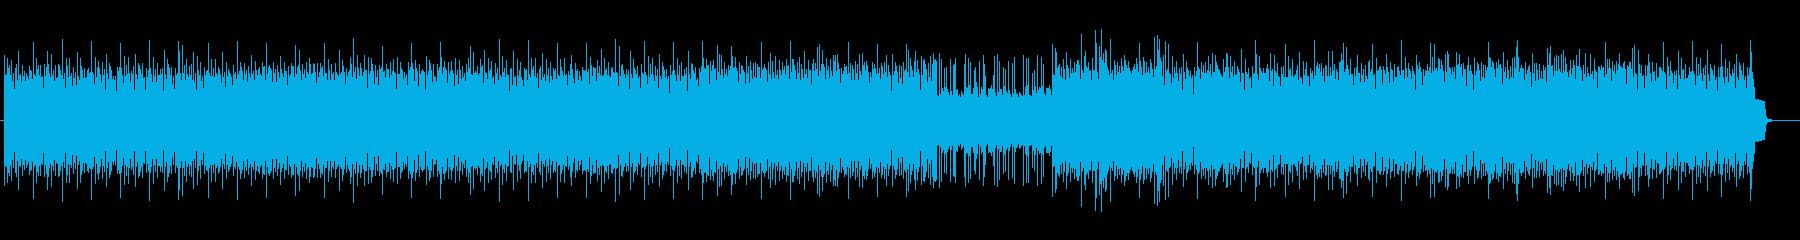 疾走感のあるアップテンポなテクノの再生済みの波形